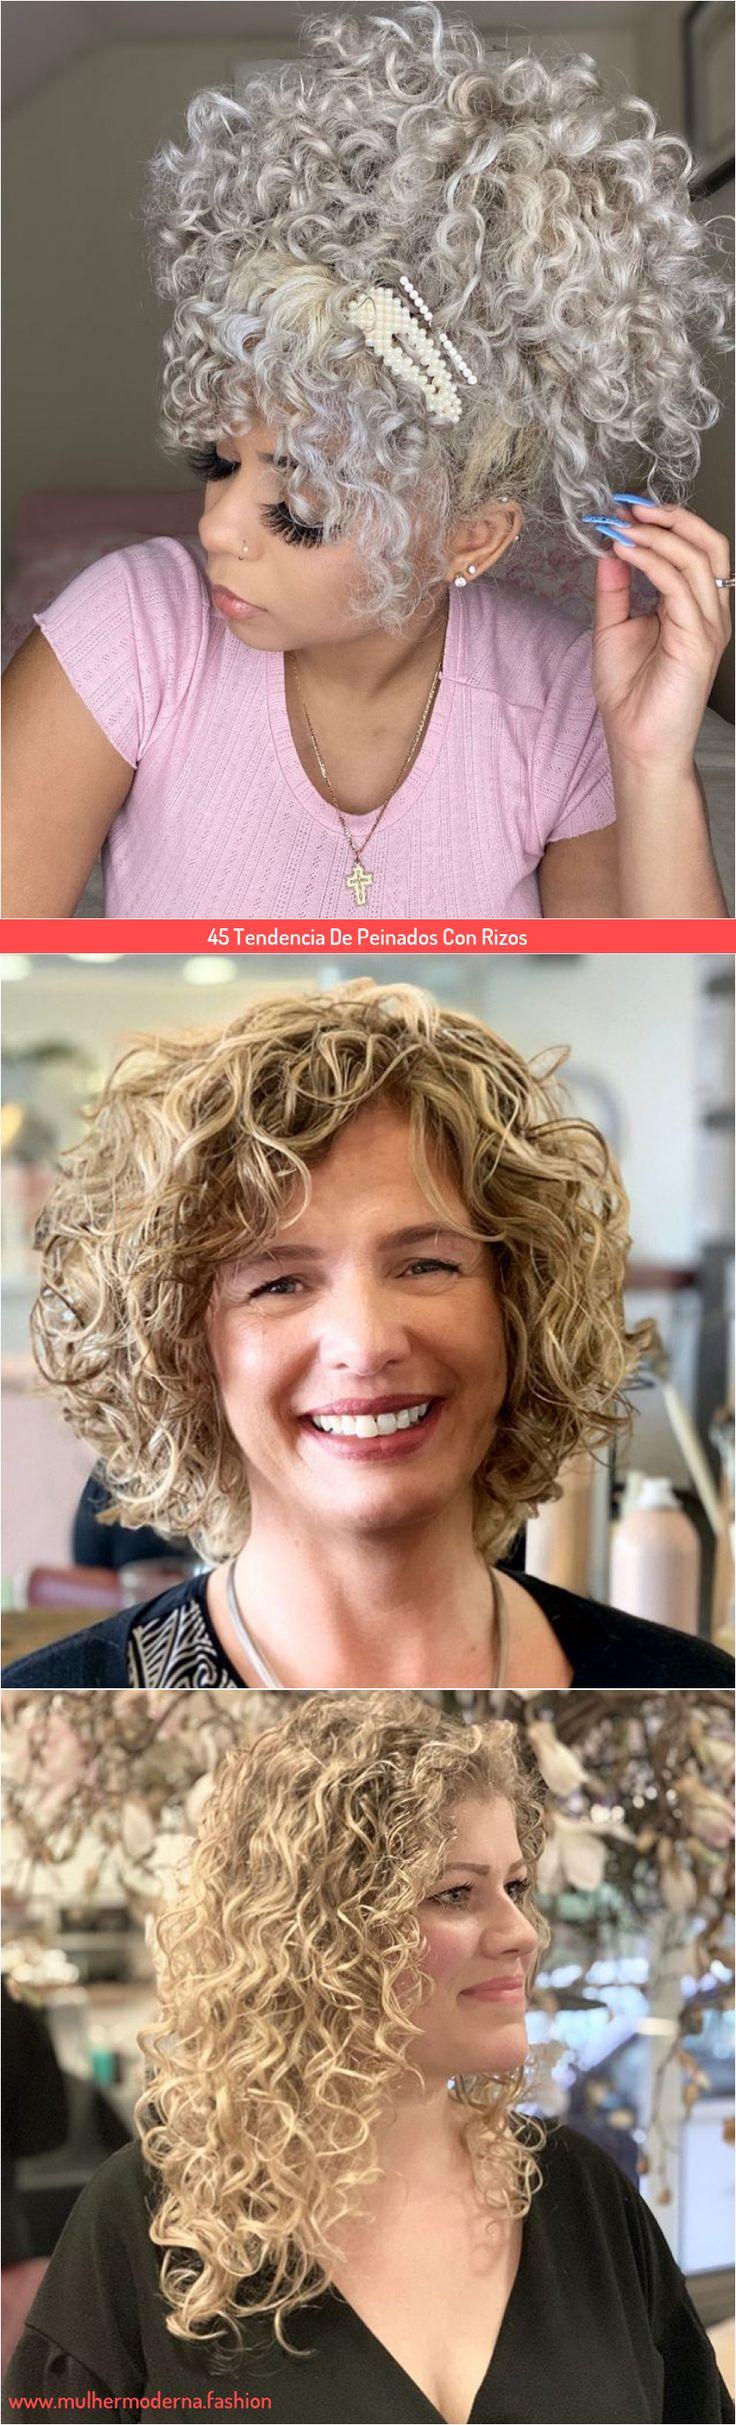 Atrevido y bonito peinados con rizos Colección De Consejos De Color De Pelo - 45 Tendencia De Peinados Con Rizos en 2020 | Peinados con ...